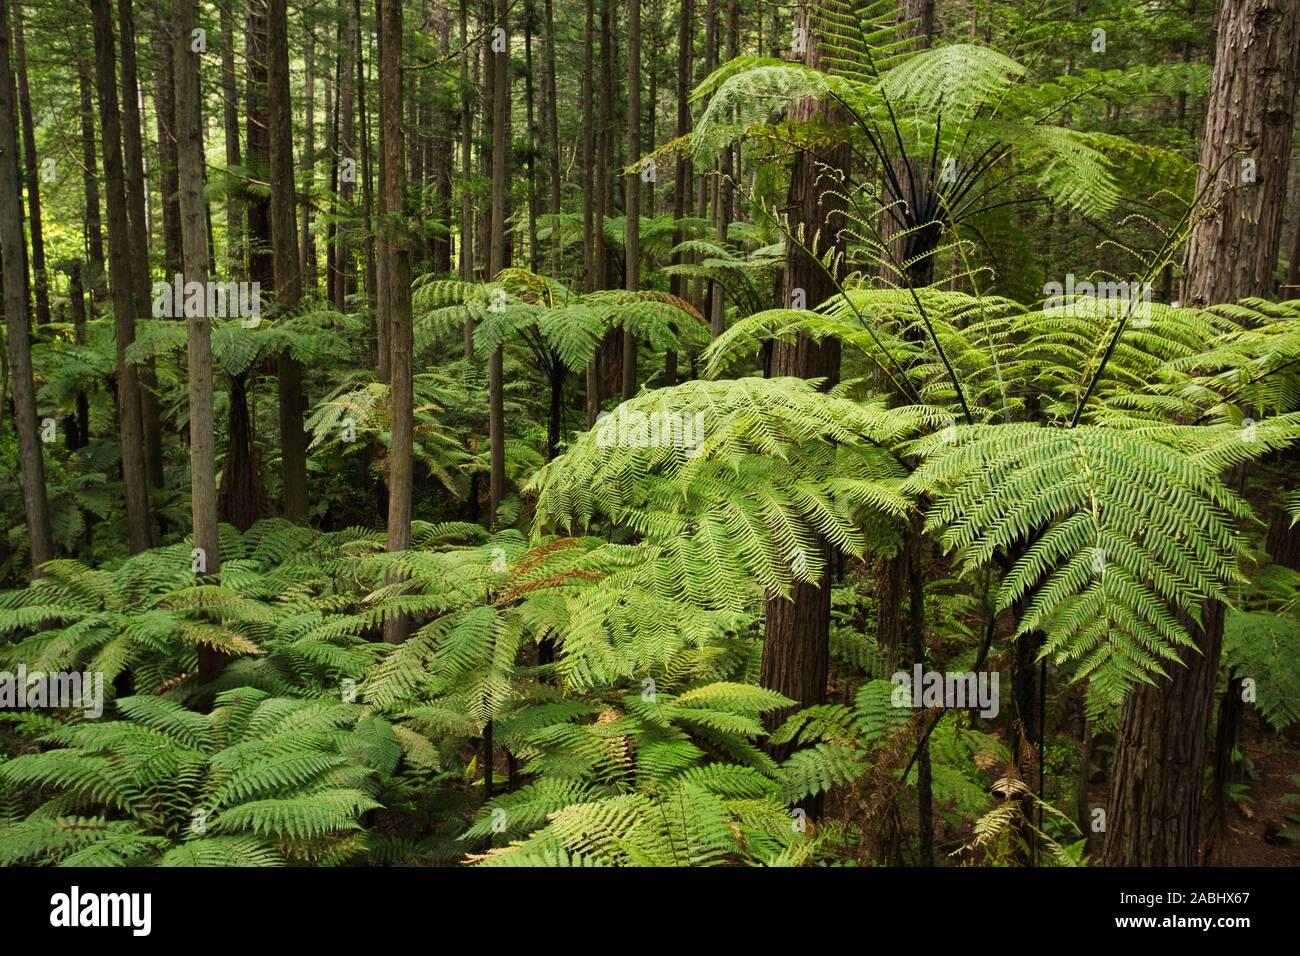 Forêt de fougères arborescentes et de séquoias géants dans la forêt de Whakarewarewa près de Rotorua, Nouvelle-Zélande Banque D'Images